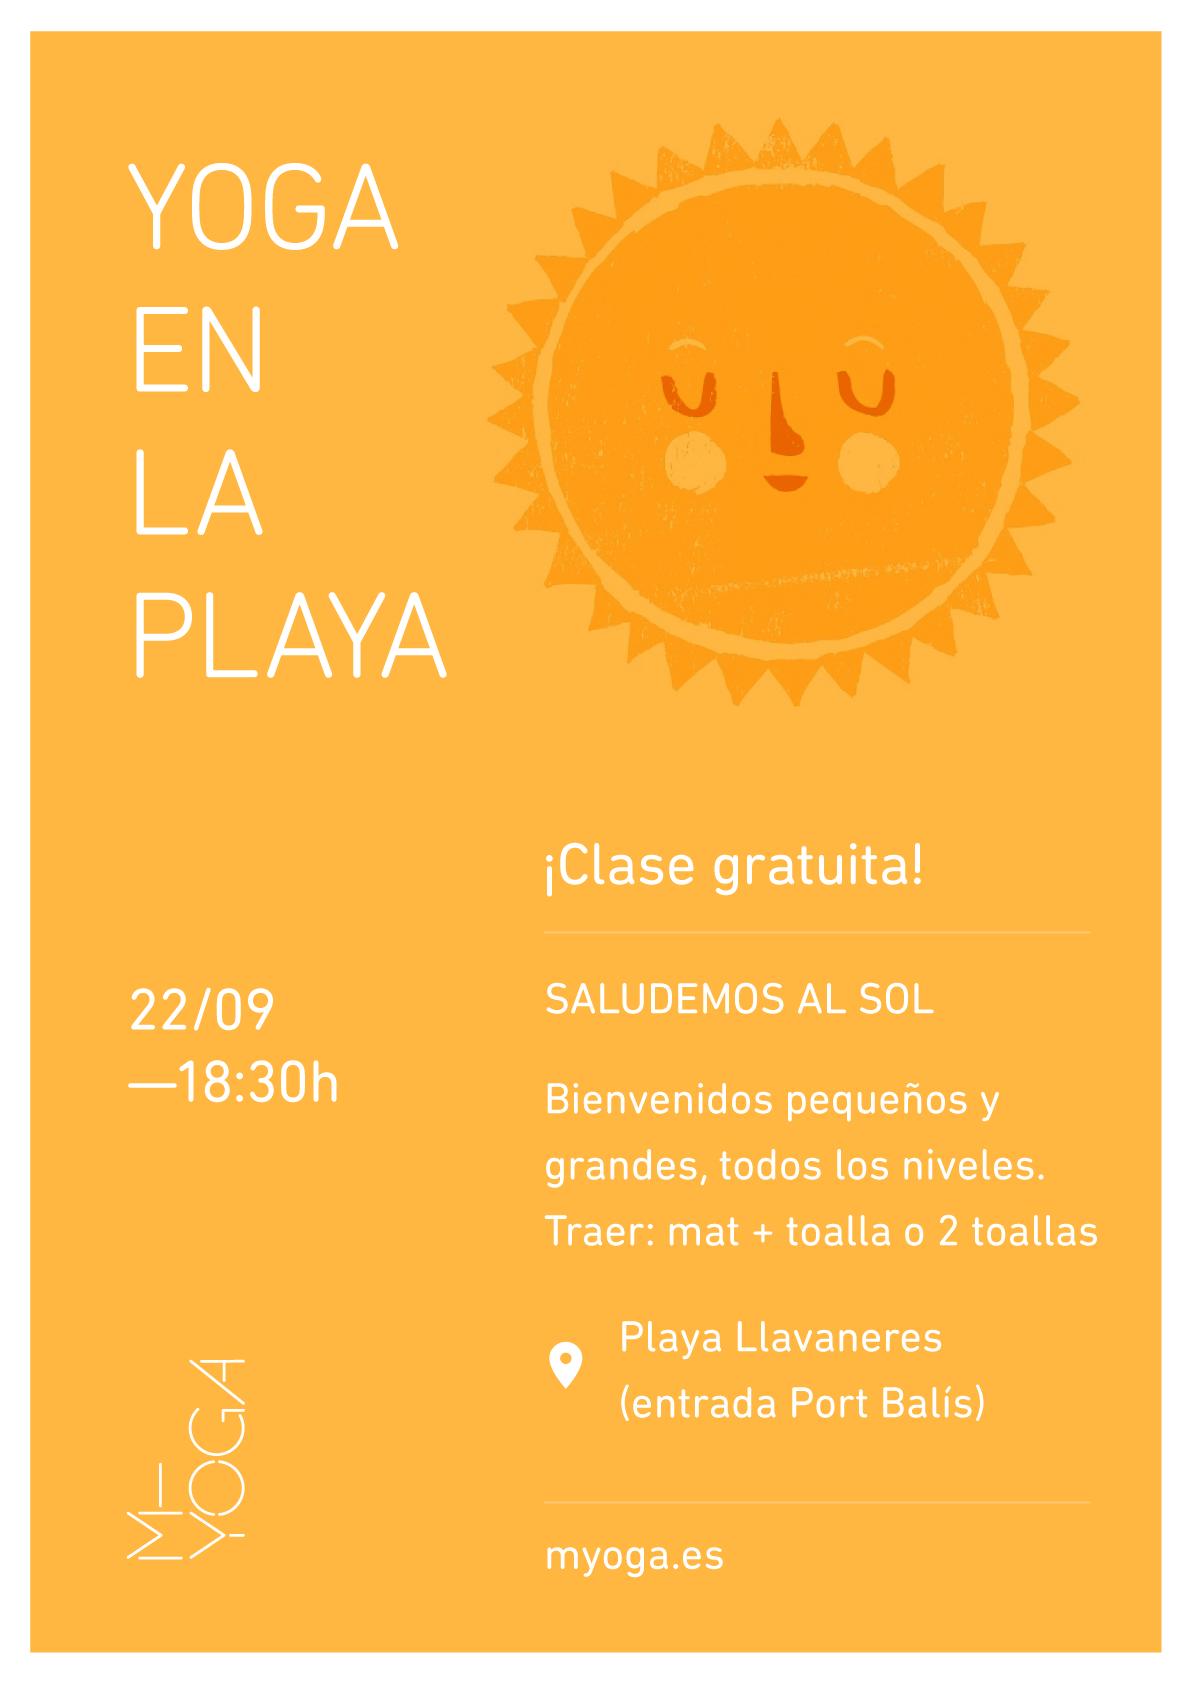 laplaya-print-2018 (2).png